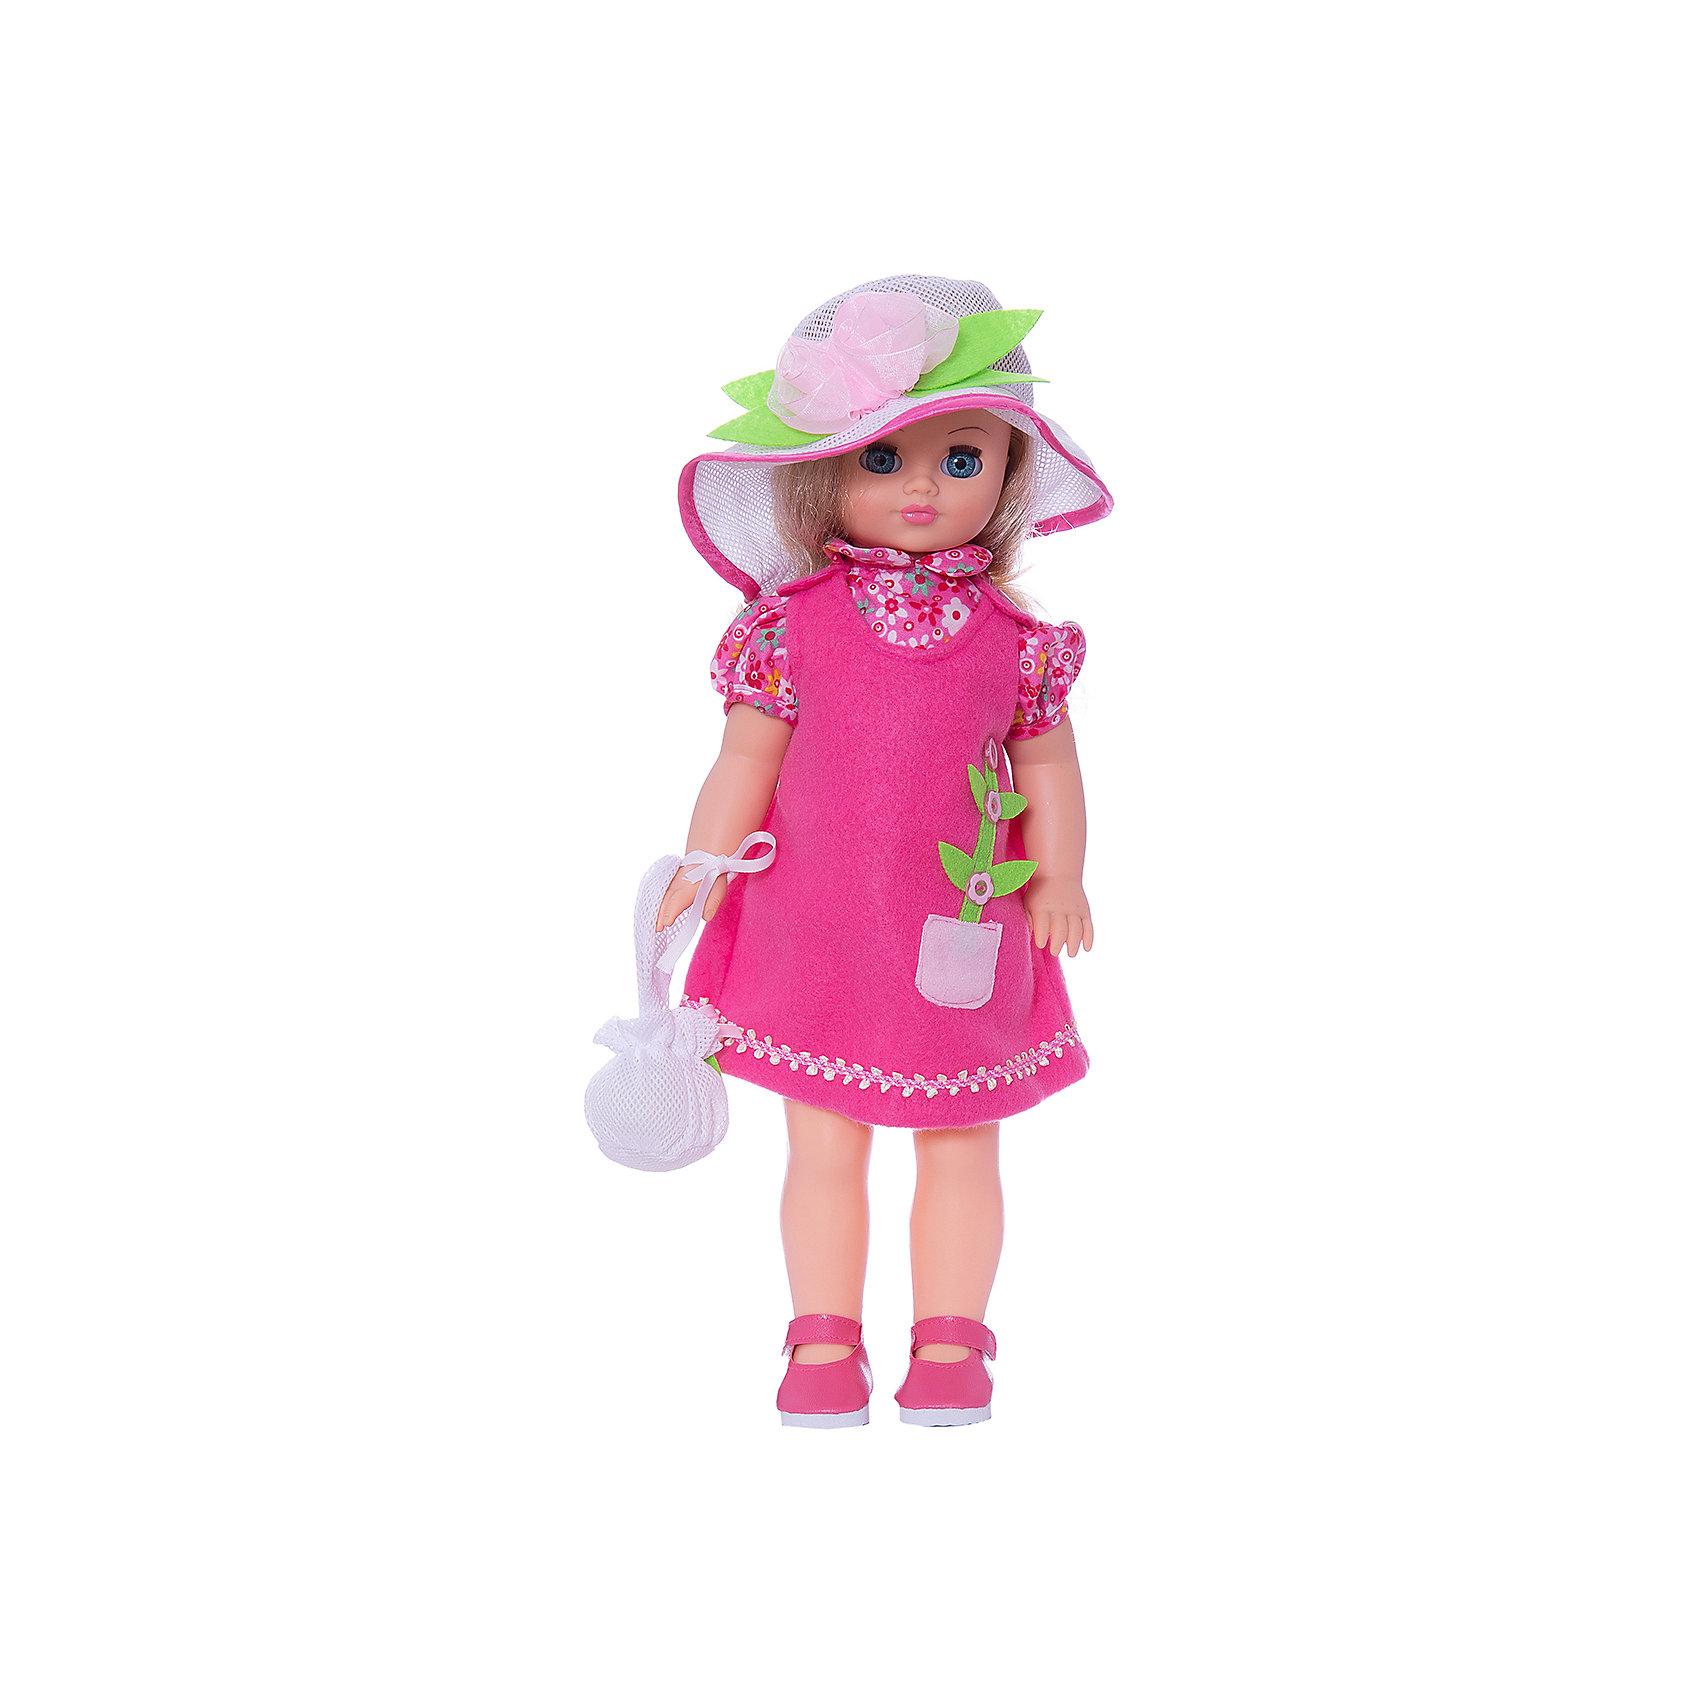 Кукла Лиза 12, со звуком, 42 см, ВеснаКуклы<br>Нарядная кукла от отечественного производителя способна не просто помочь ребенку весело проводить время, но и научить девочку одеваться со вкусом. На ней - красивый летний наряд со шляпой и сумочкой, обувь, всё можно снимать и надевать.<br>Кукла произносит несколько фраз, механизм работает от батареек. Очень красиво смотрятся пышные волосы, на которых можно делать прически. Сделана игрушка из качественных и безопасных для ребенка материалов. Такая кукла поможет ребенку освоить механизмы социальных взаимодействий, развить моторику и воображение. Также куклы помогают девочкам научиться заботиться о других.<br><br>Дополнительная информация:<br><br>- материал: пластмасса;<br>- волосы: прошивные;<br>- открывающиеся глаза;<br>- звуковой модуль;<br>- снимающаяся одежда и обувь;<br>- высота: 42 см.<br><br>Комплектация:<br><br>- одежда;<br>- три батарейки СЦ 357.<br><br>Куклу Лиза 12, со звуком, от марки Весна можно купить в нашем магазине.<br><br>Ширина мм: 120<br>Глубина мм: 170<br>Высота мм: 420<br>Вес г: 570<br>Возраст от месяцев: 36<br>Возраст до месяцев: 1188<br>Пол: Женский<br>Возраст: Детский<br>SKU: 4701845